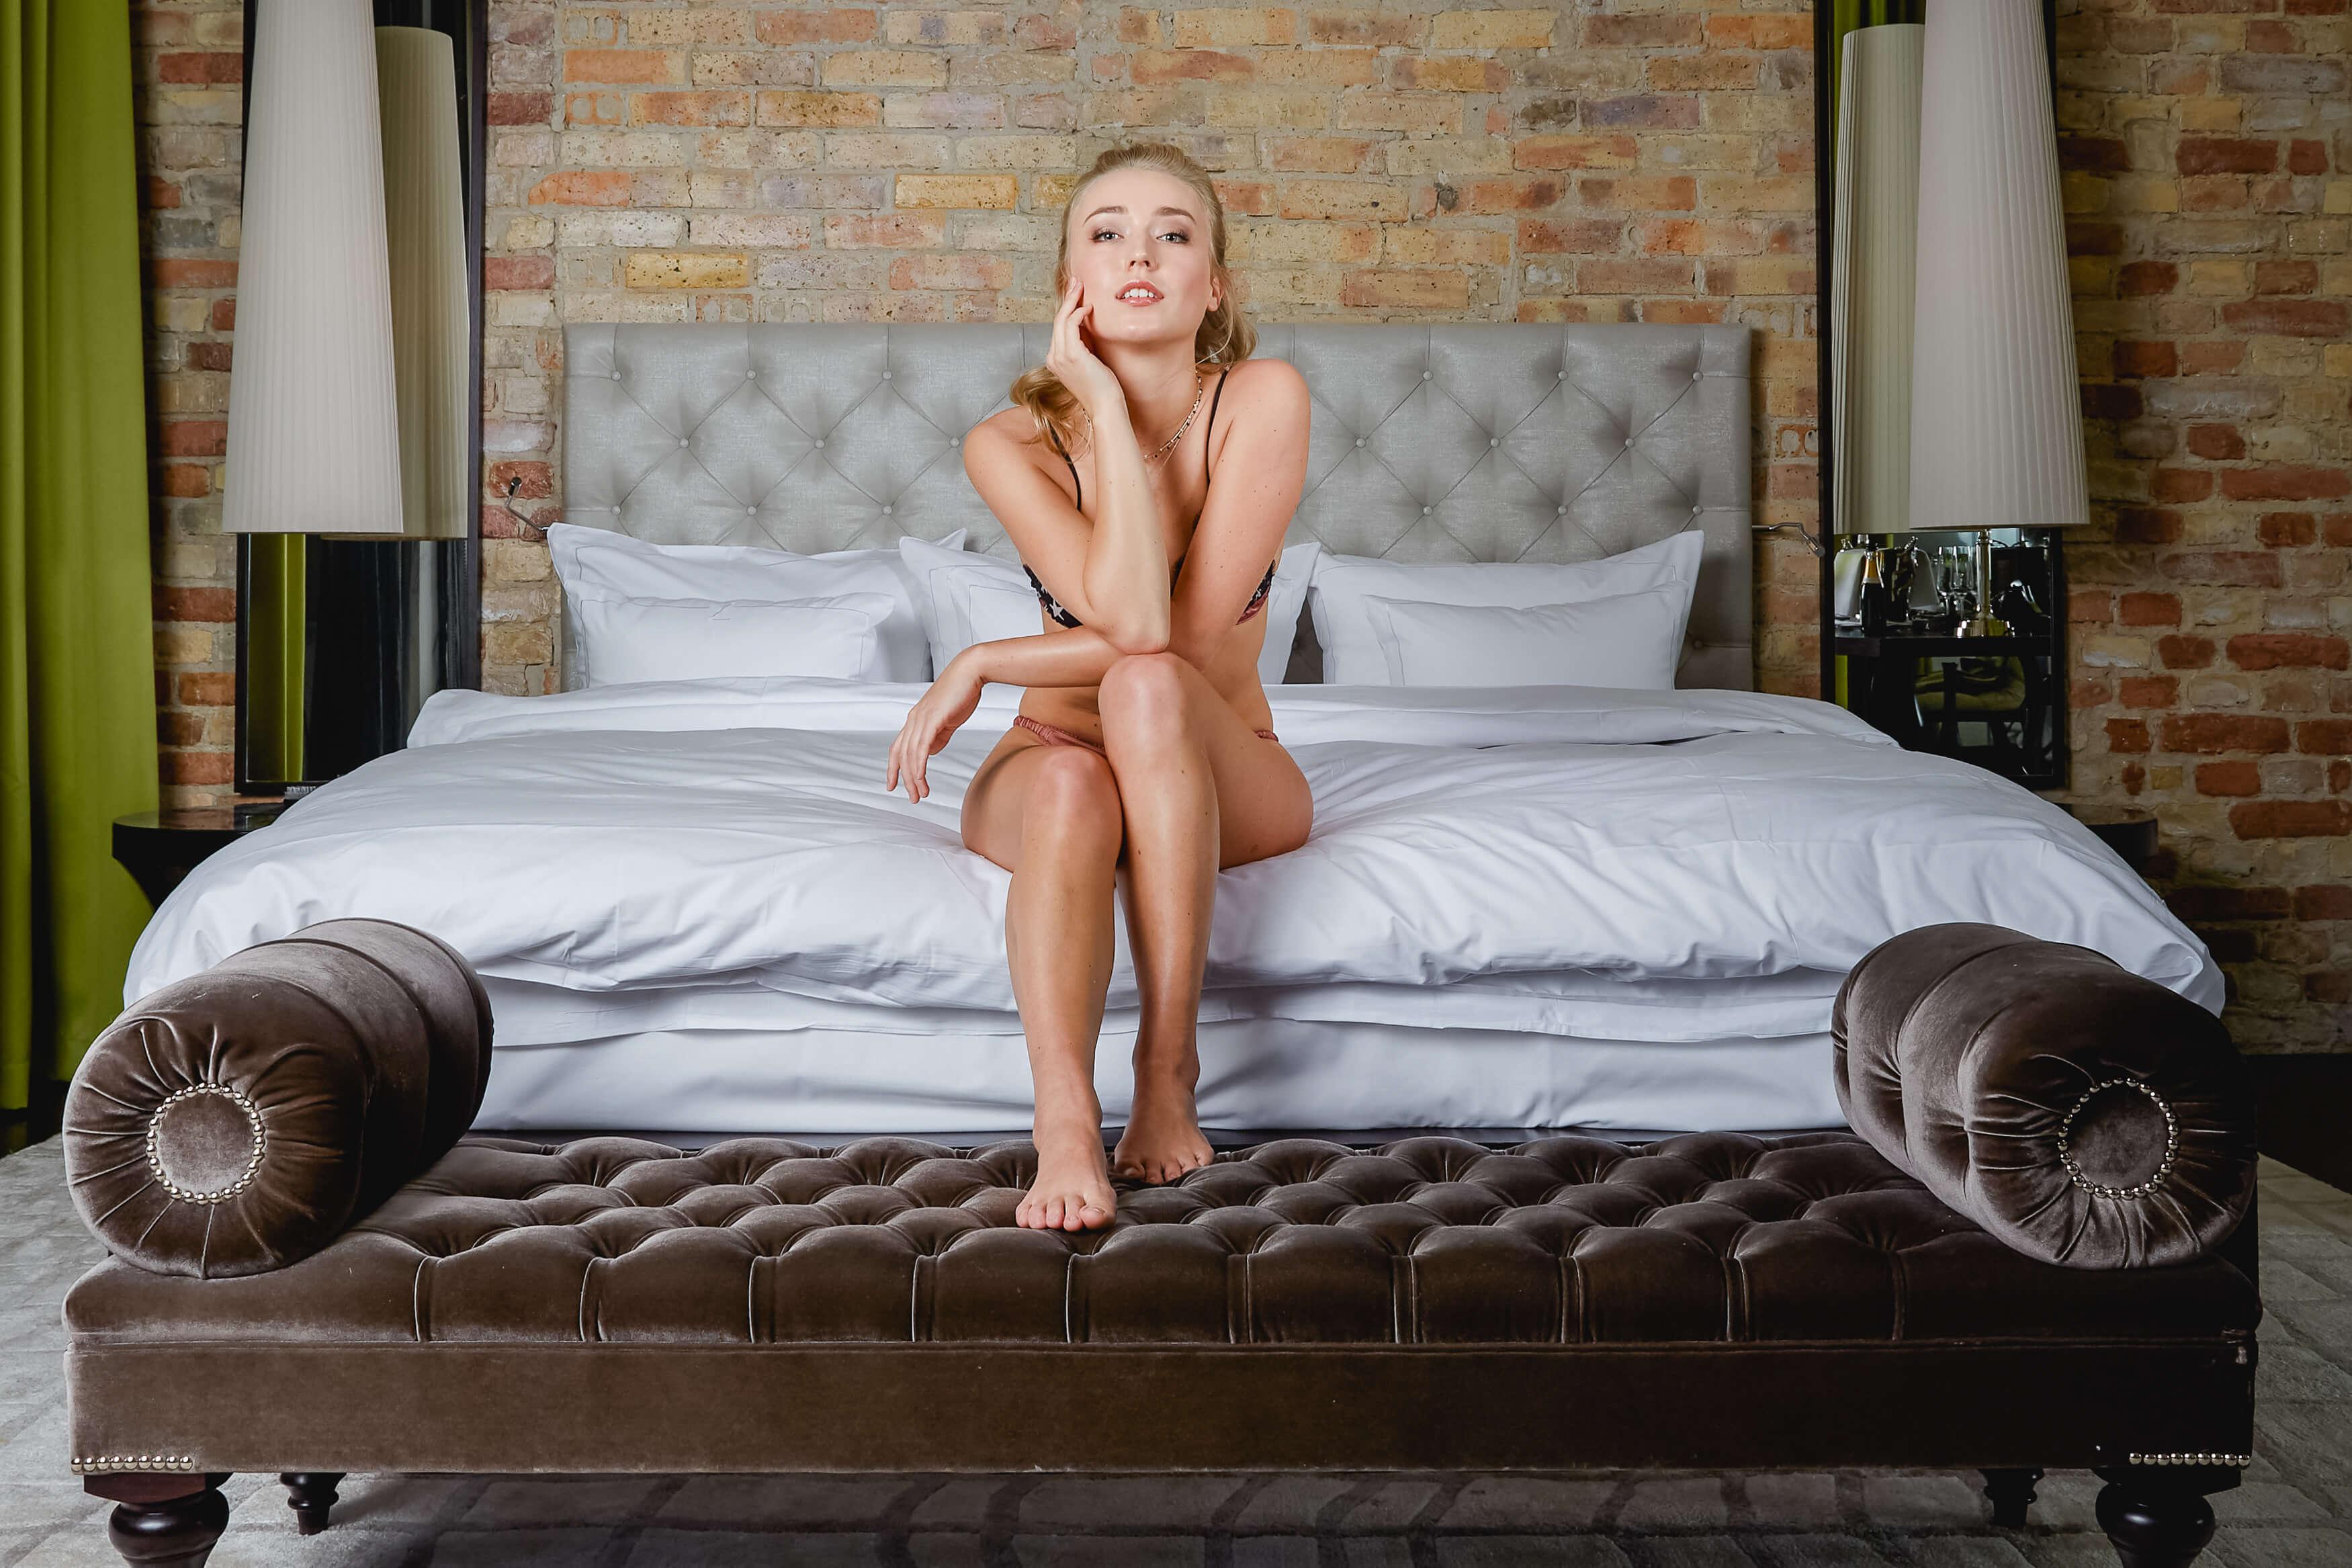 Bloggerin Luise Morgen vom Blog Kleinstadtcarrie in einem Dessous von Love Stores Intimates sitzend auf der Bettjkante